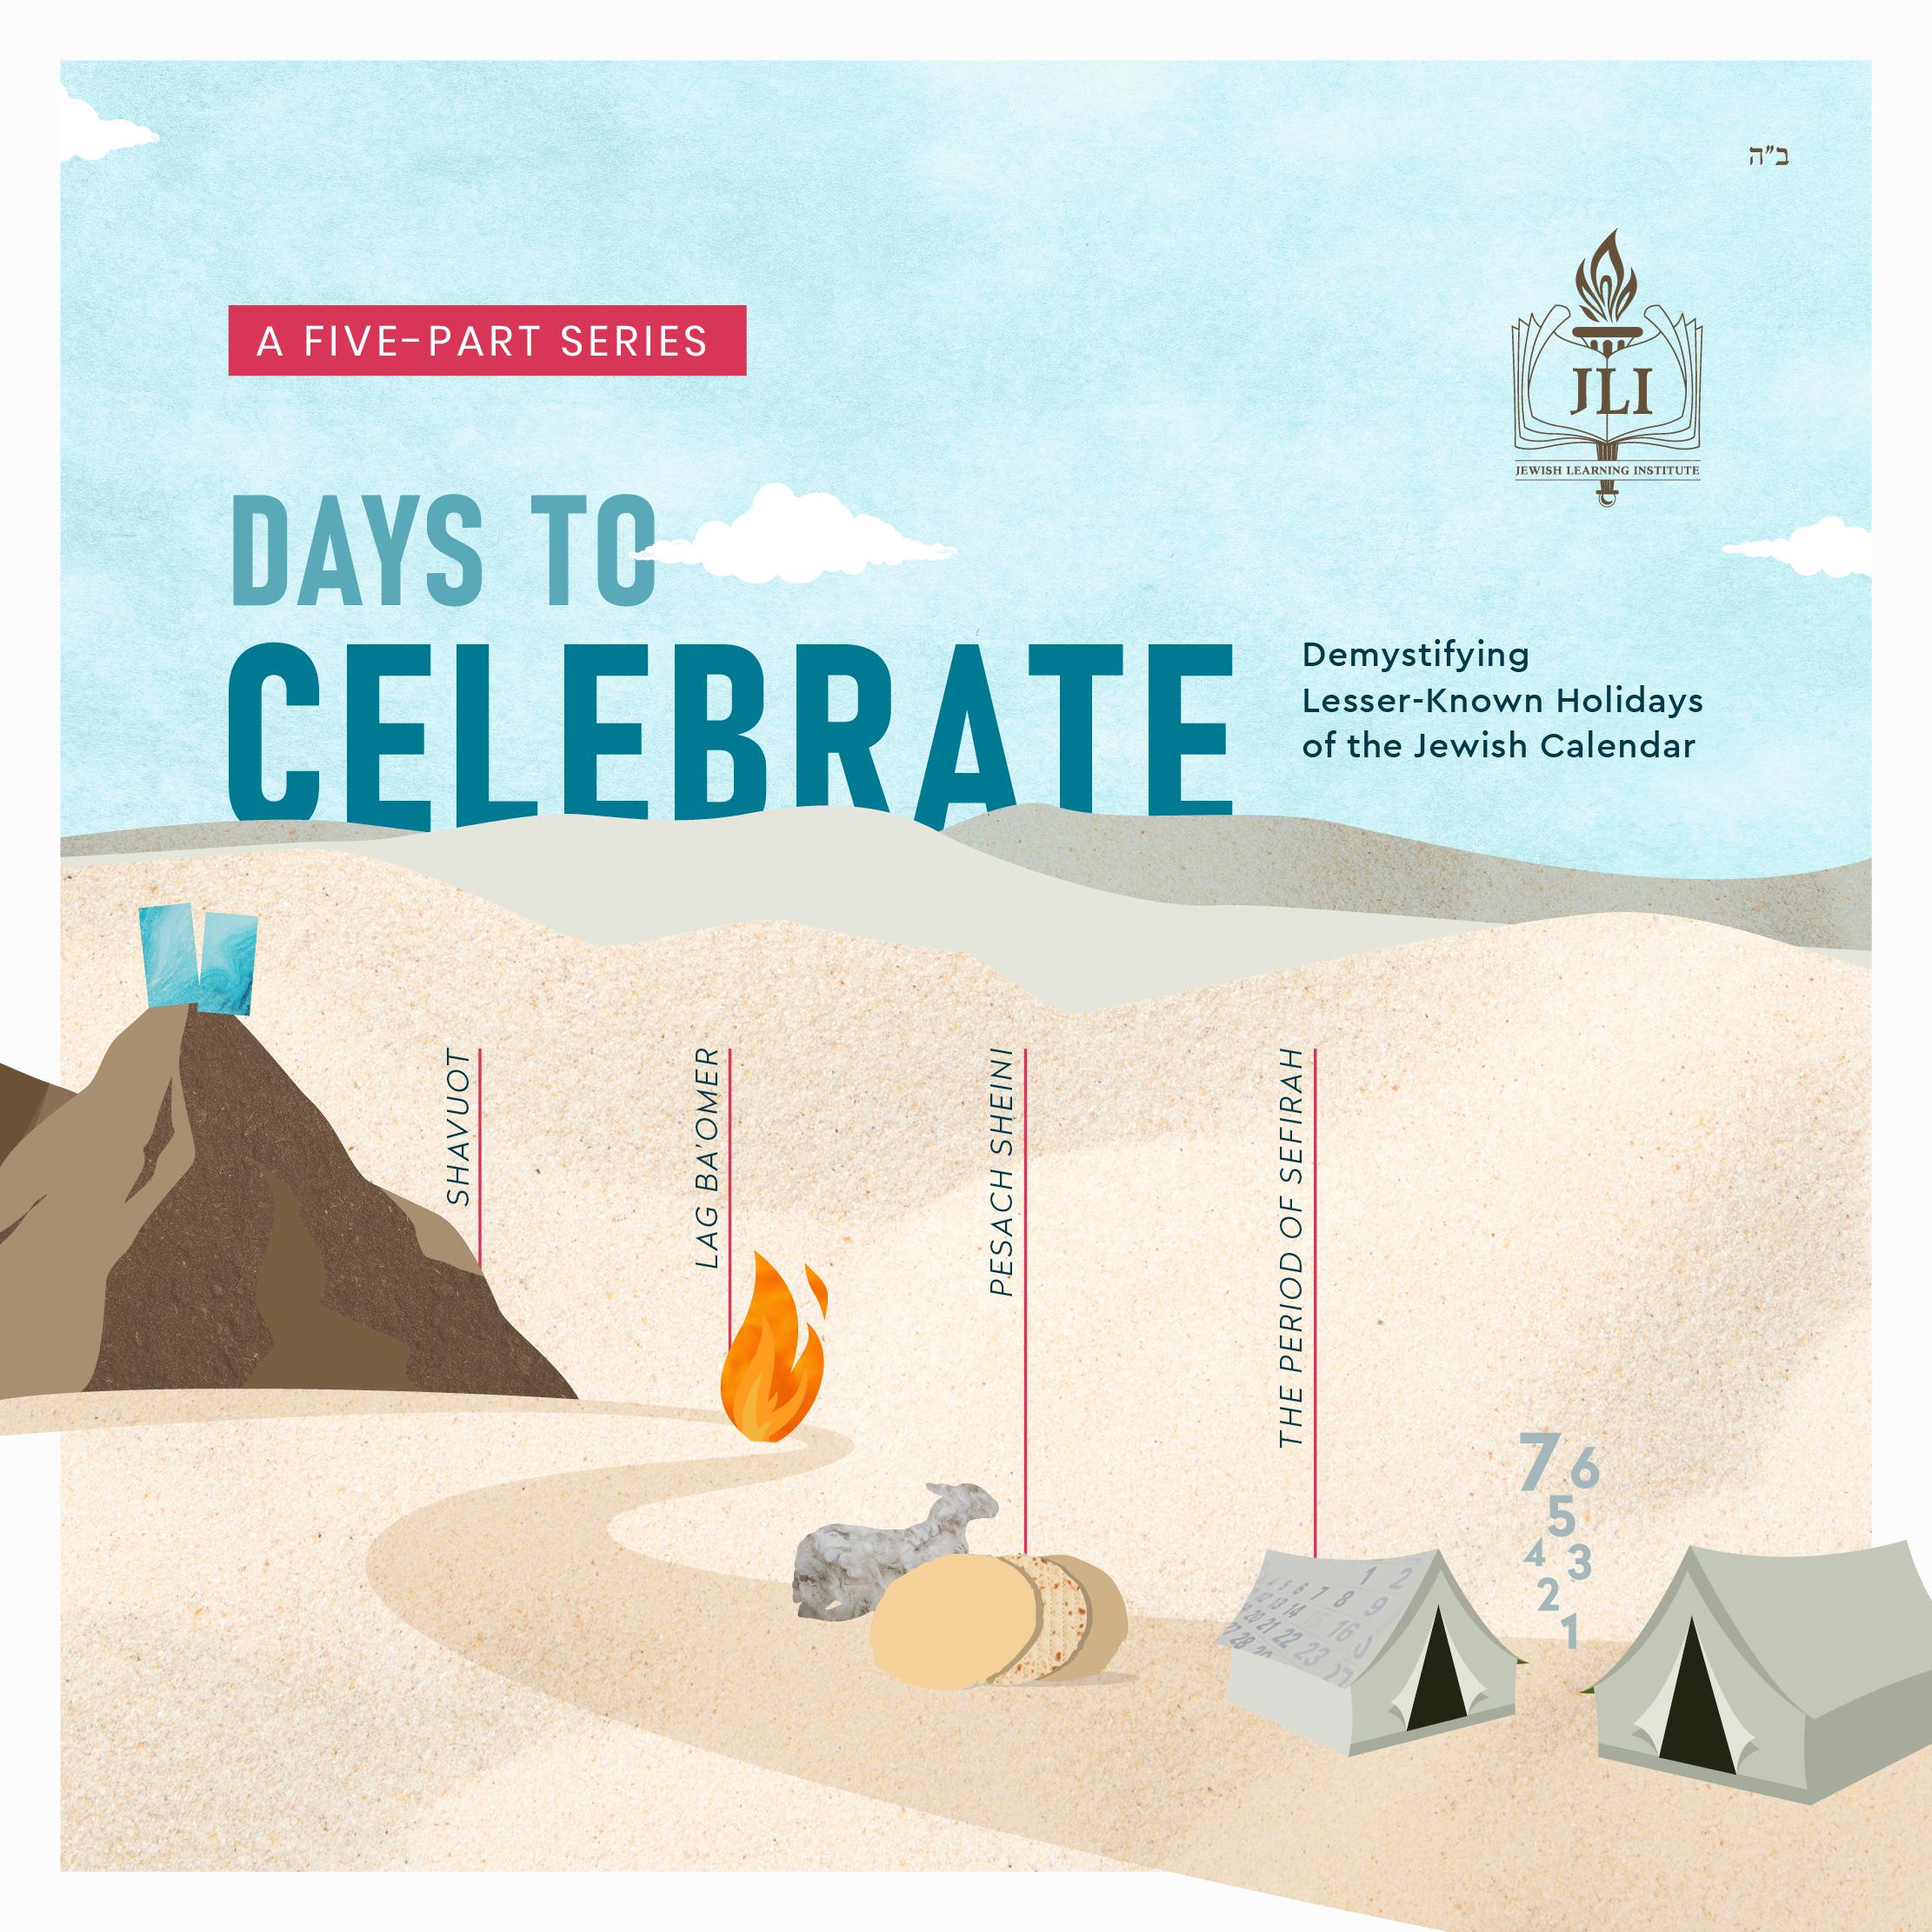 Days to Celebrate_Social Media_Square (1).jpg